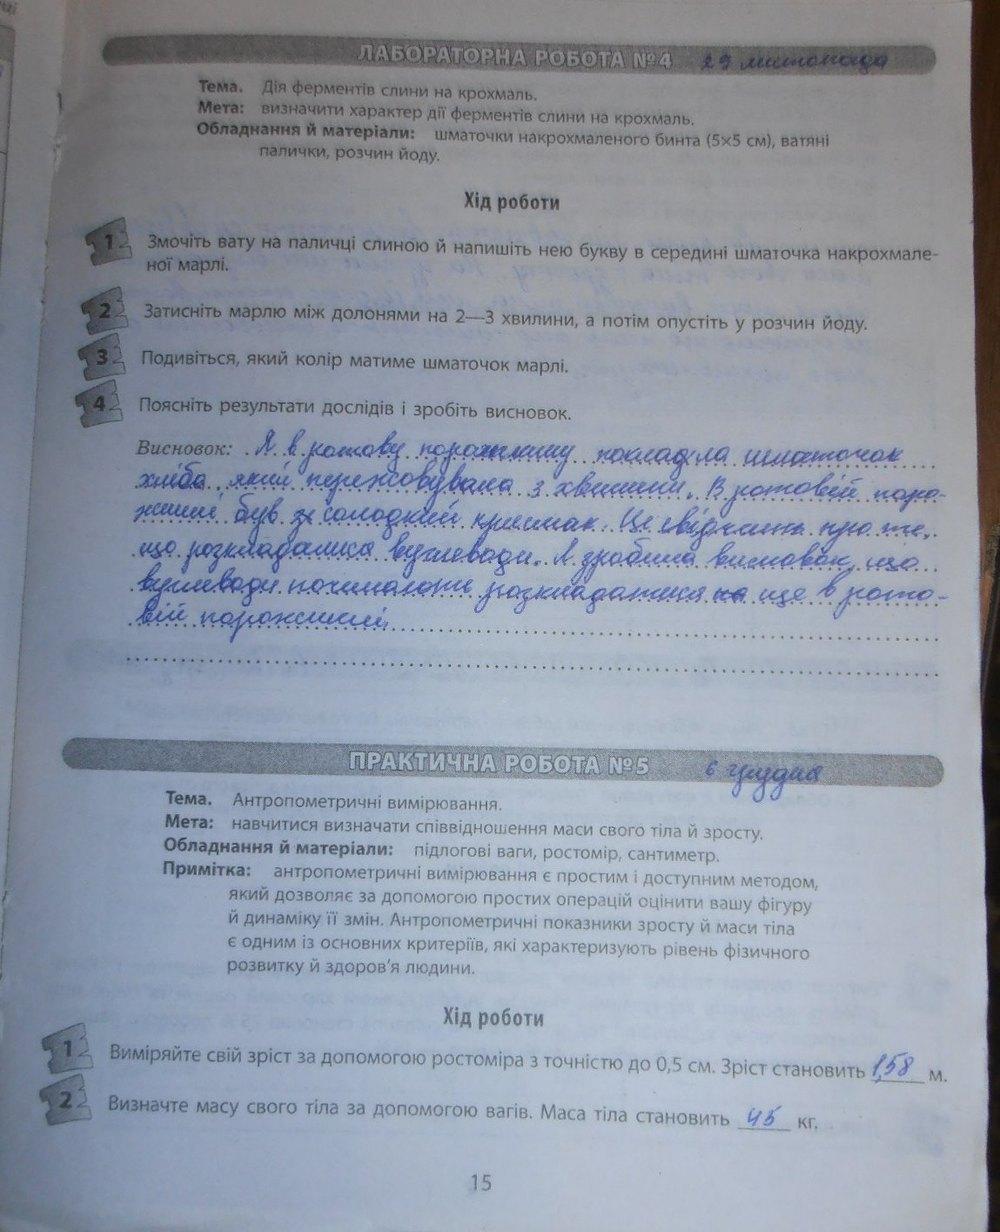 гдз 8 класс биология рабочая тетрадь поперенко